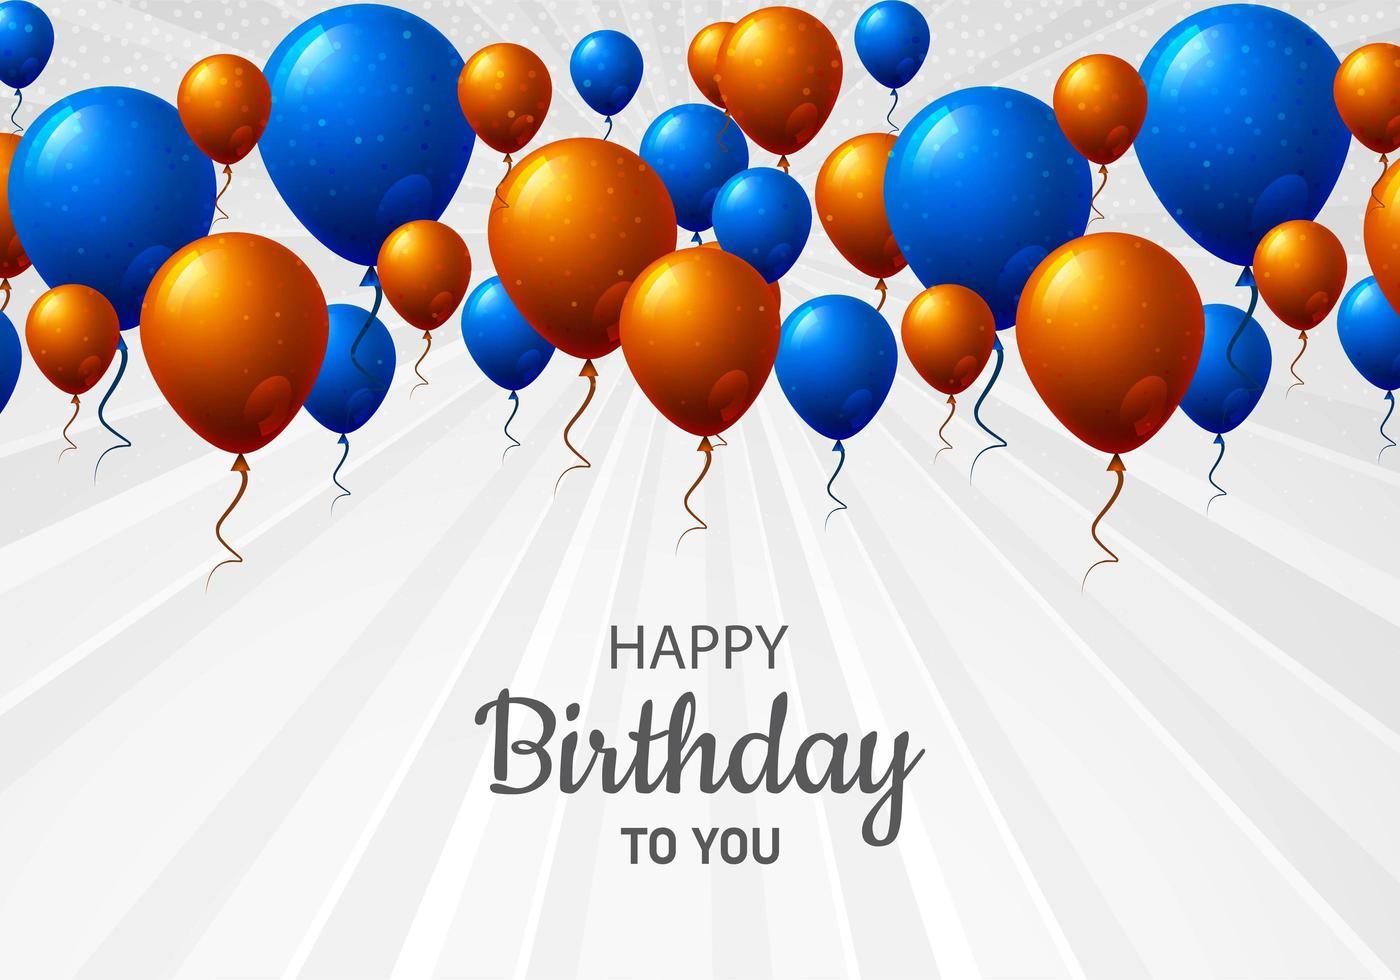 fond de célébration de ballon anniversaire orange et bleu vecteur